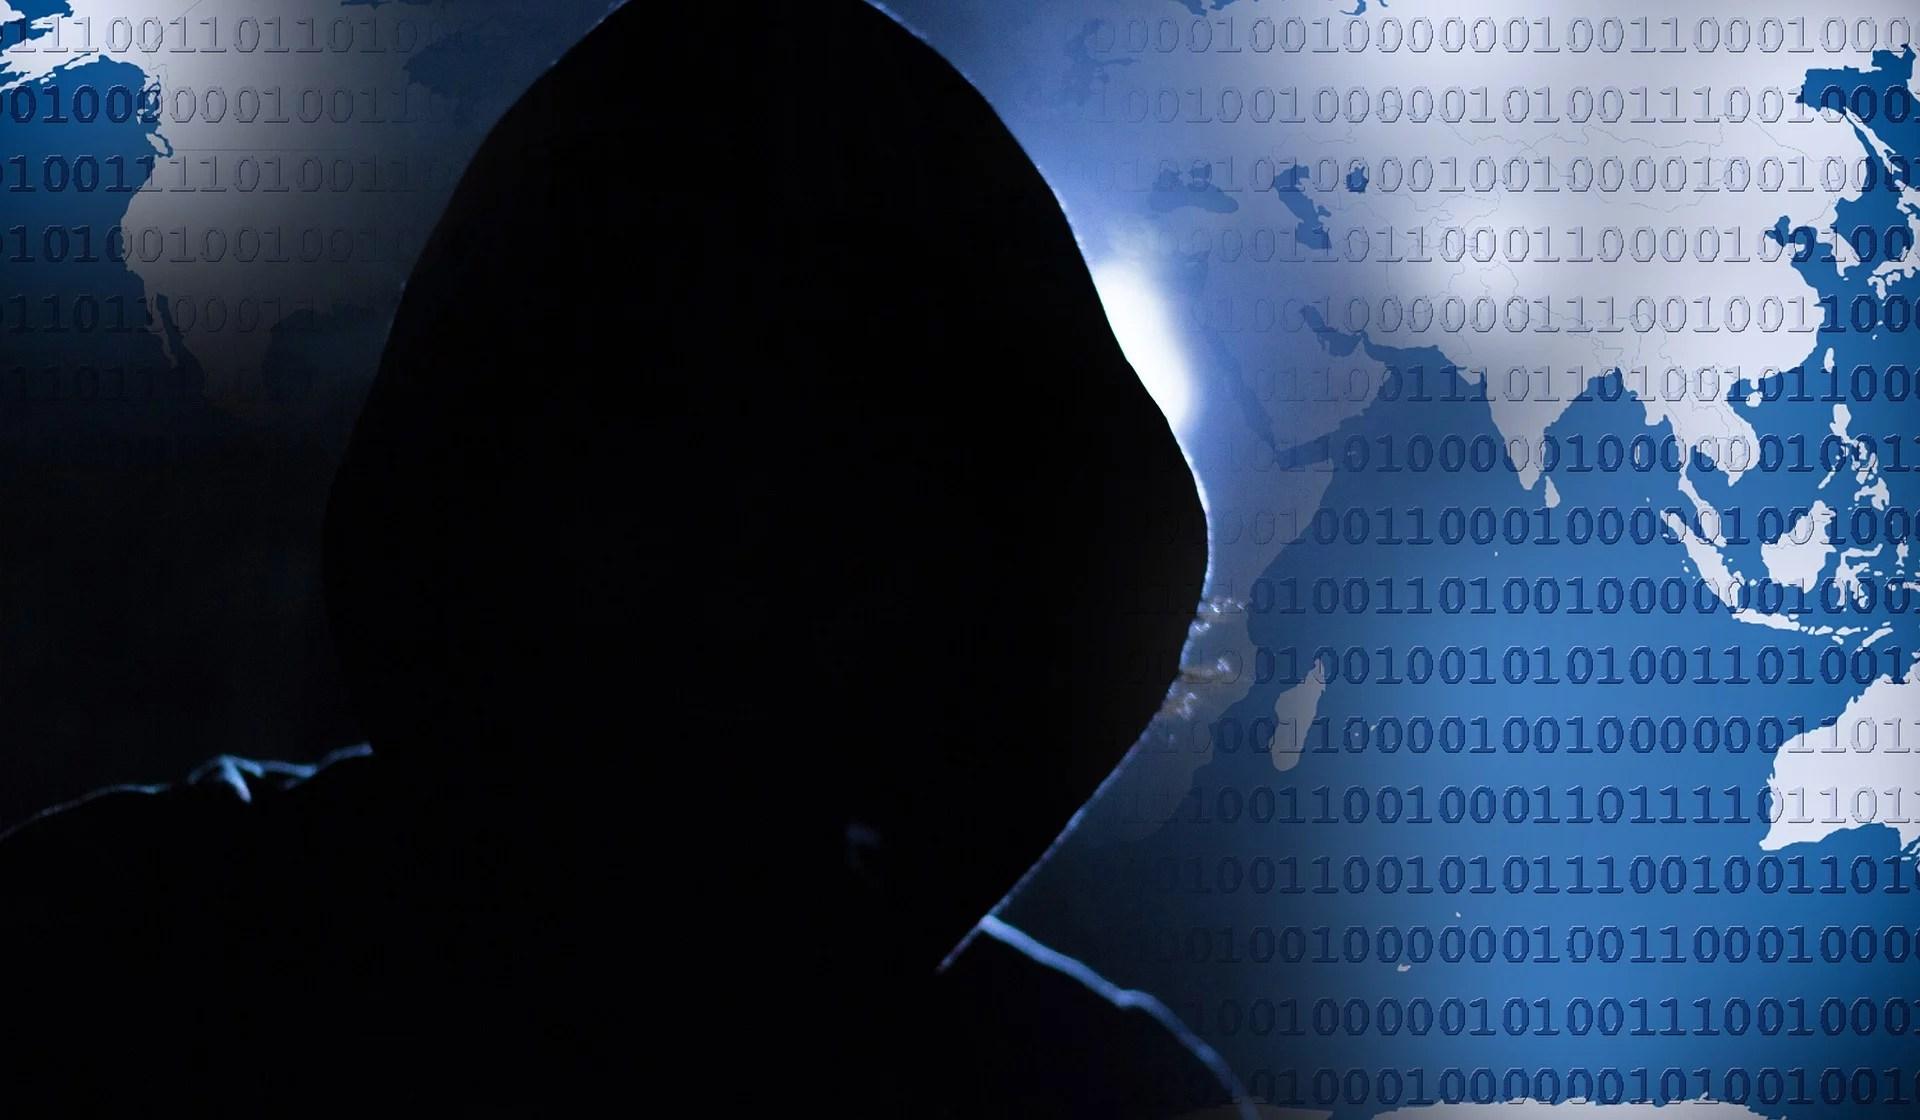 Ciberamenazas seguridad